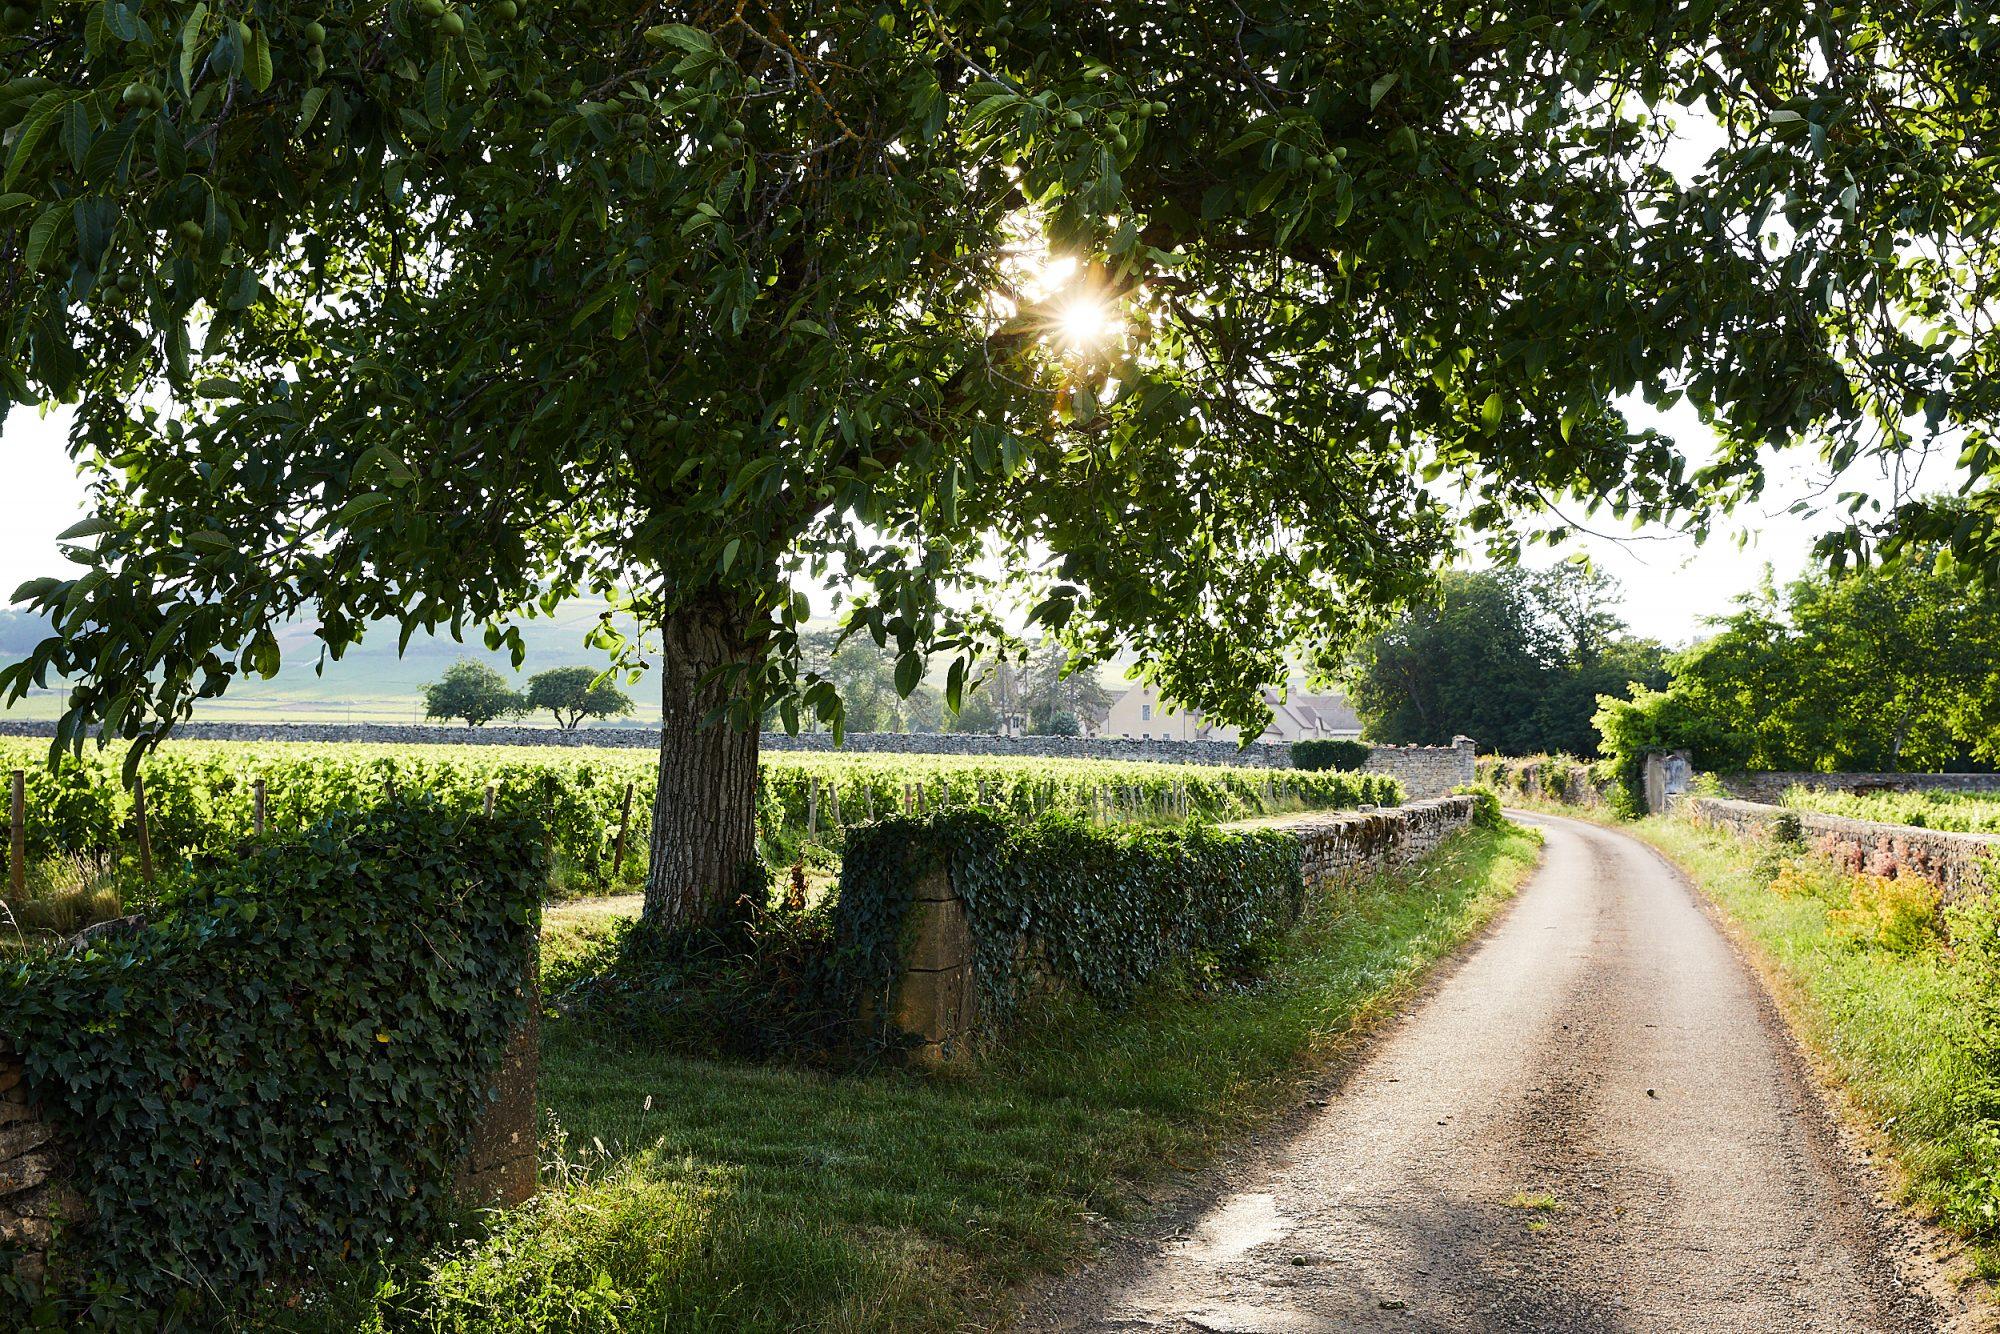 Chateau_de_Pommard_Landscapes_169 - copie